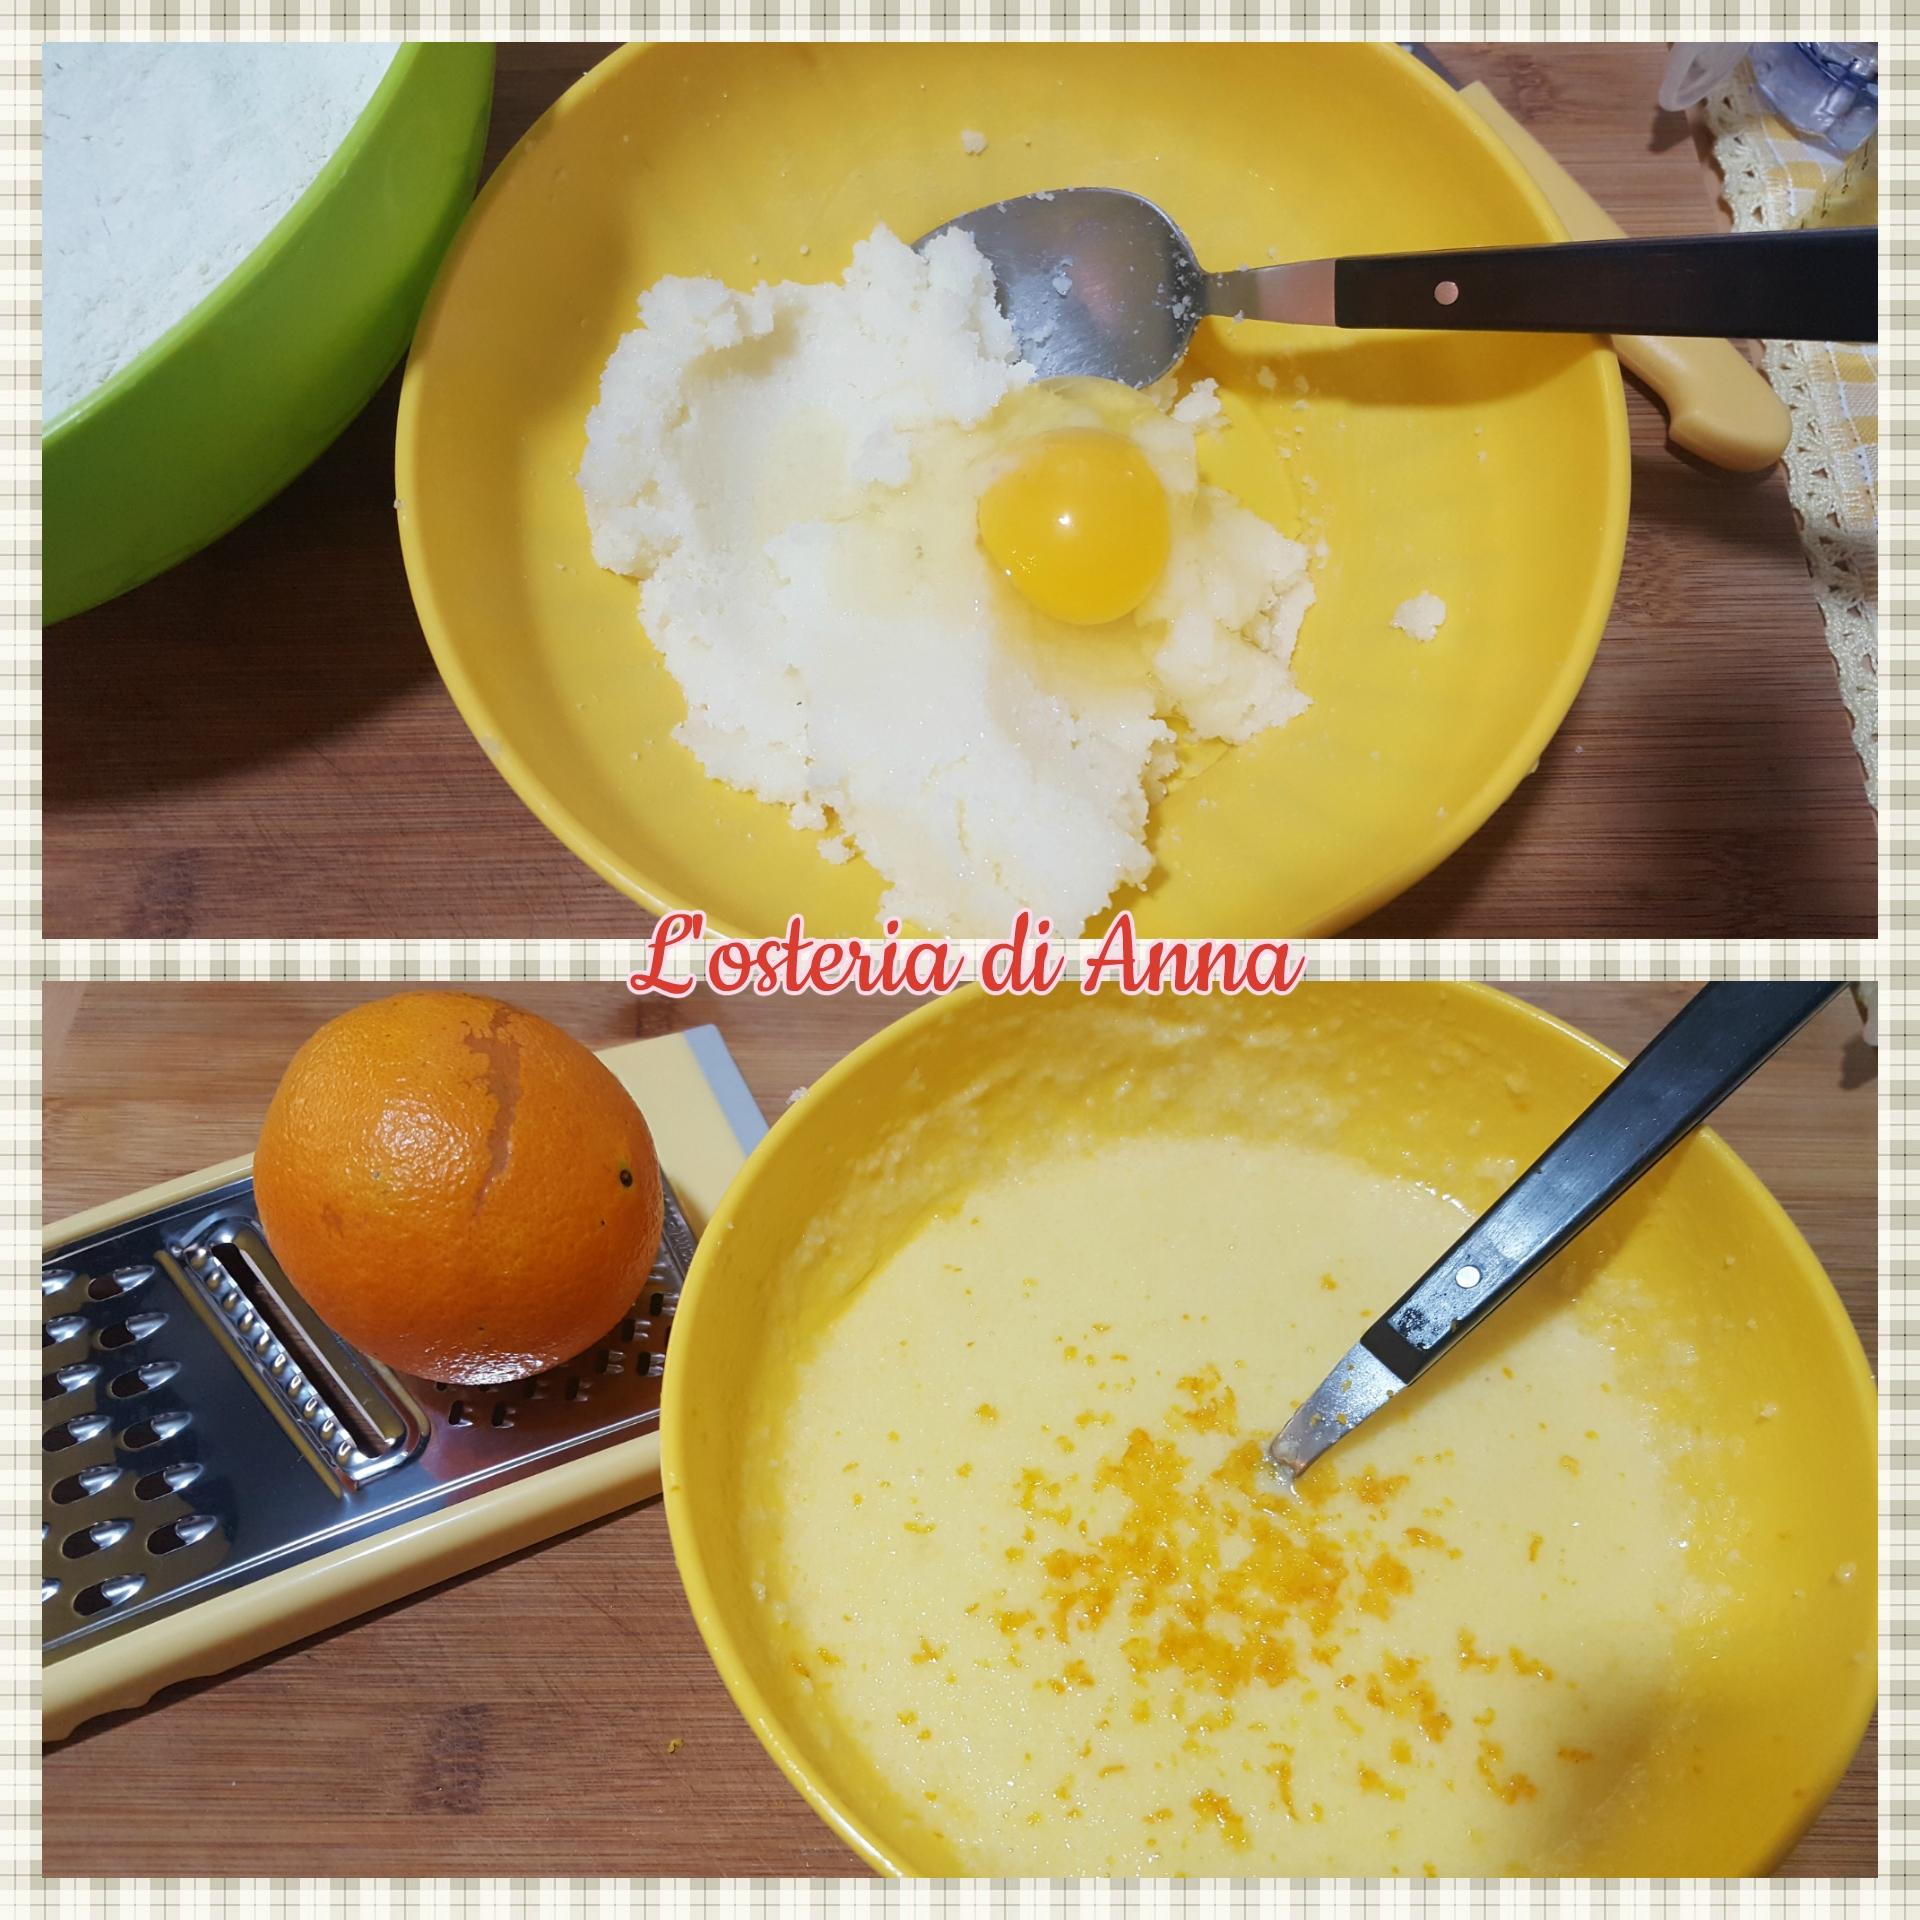 Al composto di burro e zucchero aggiungere le uova e la scorza di un'arancia